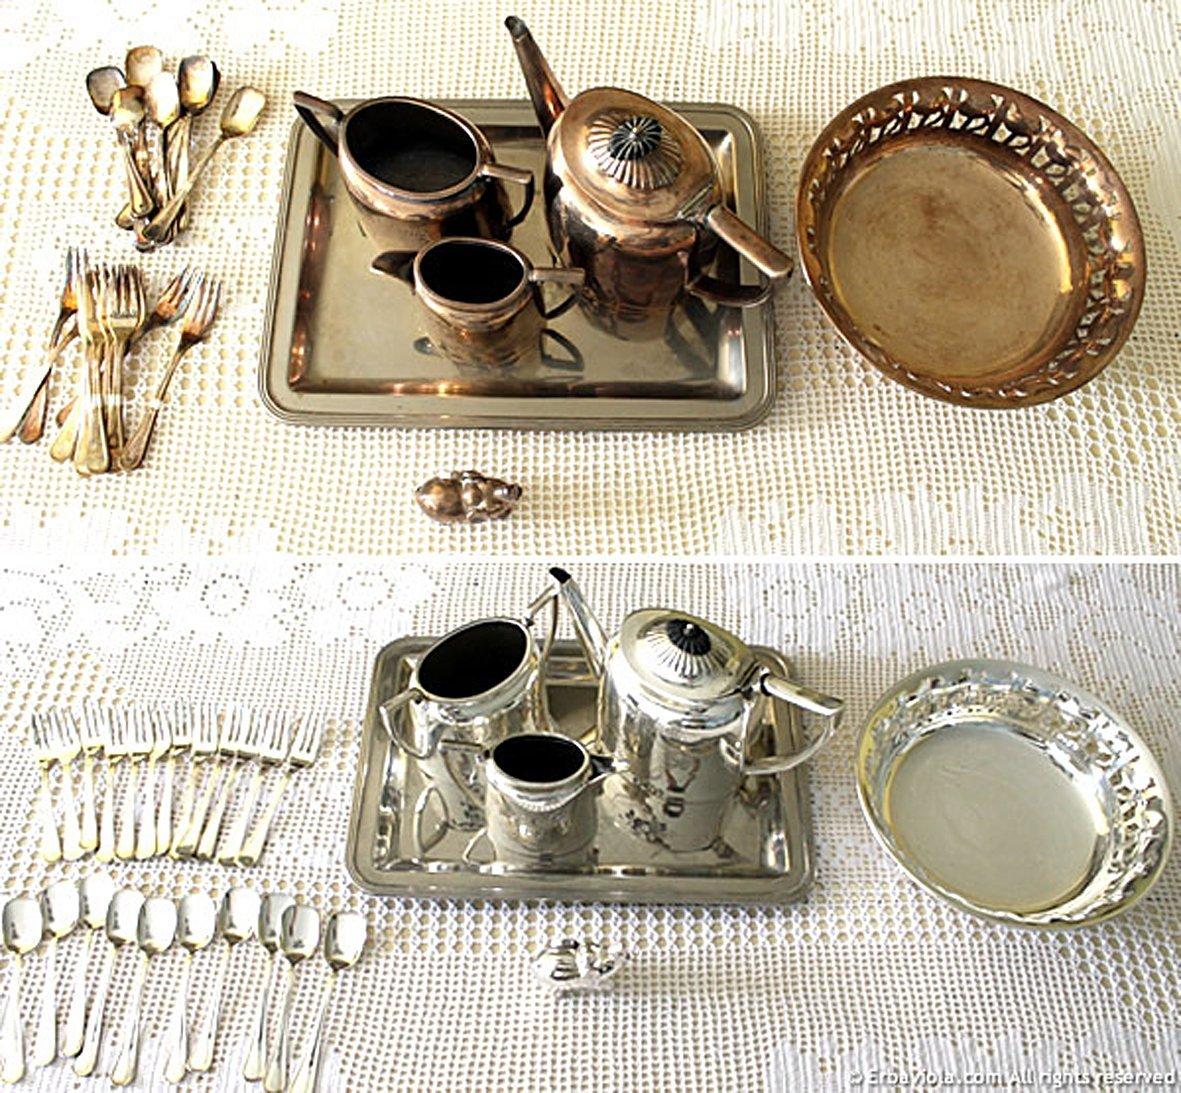 degli ogetti in argento lucidati: vista prima e dopo